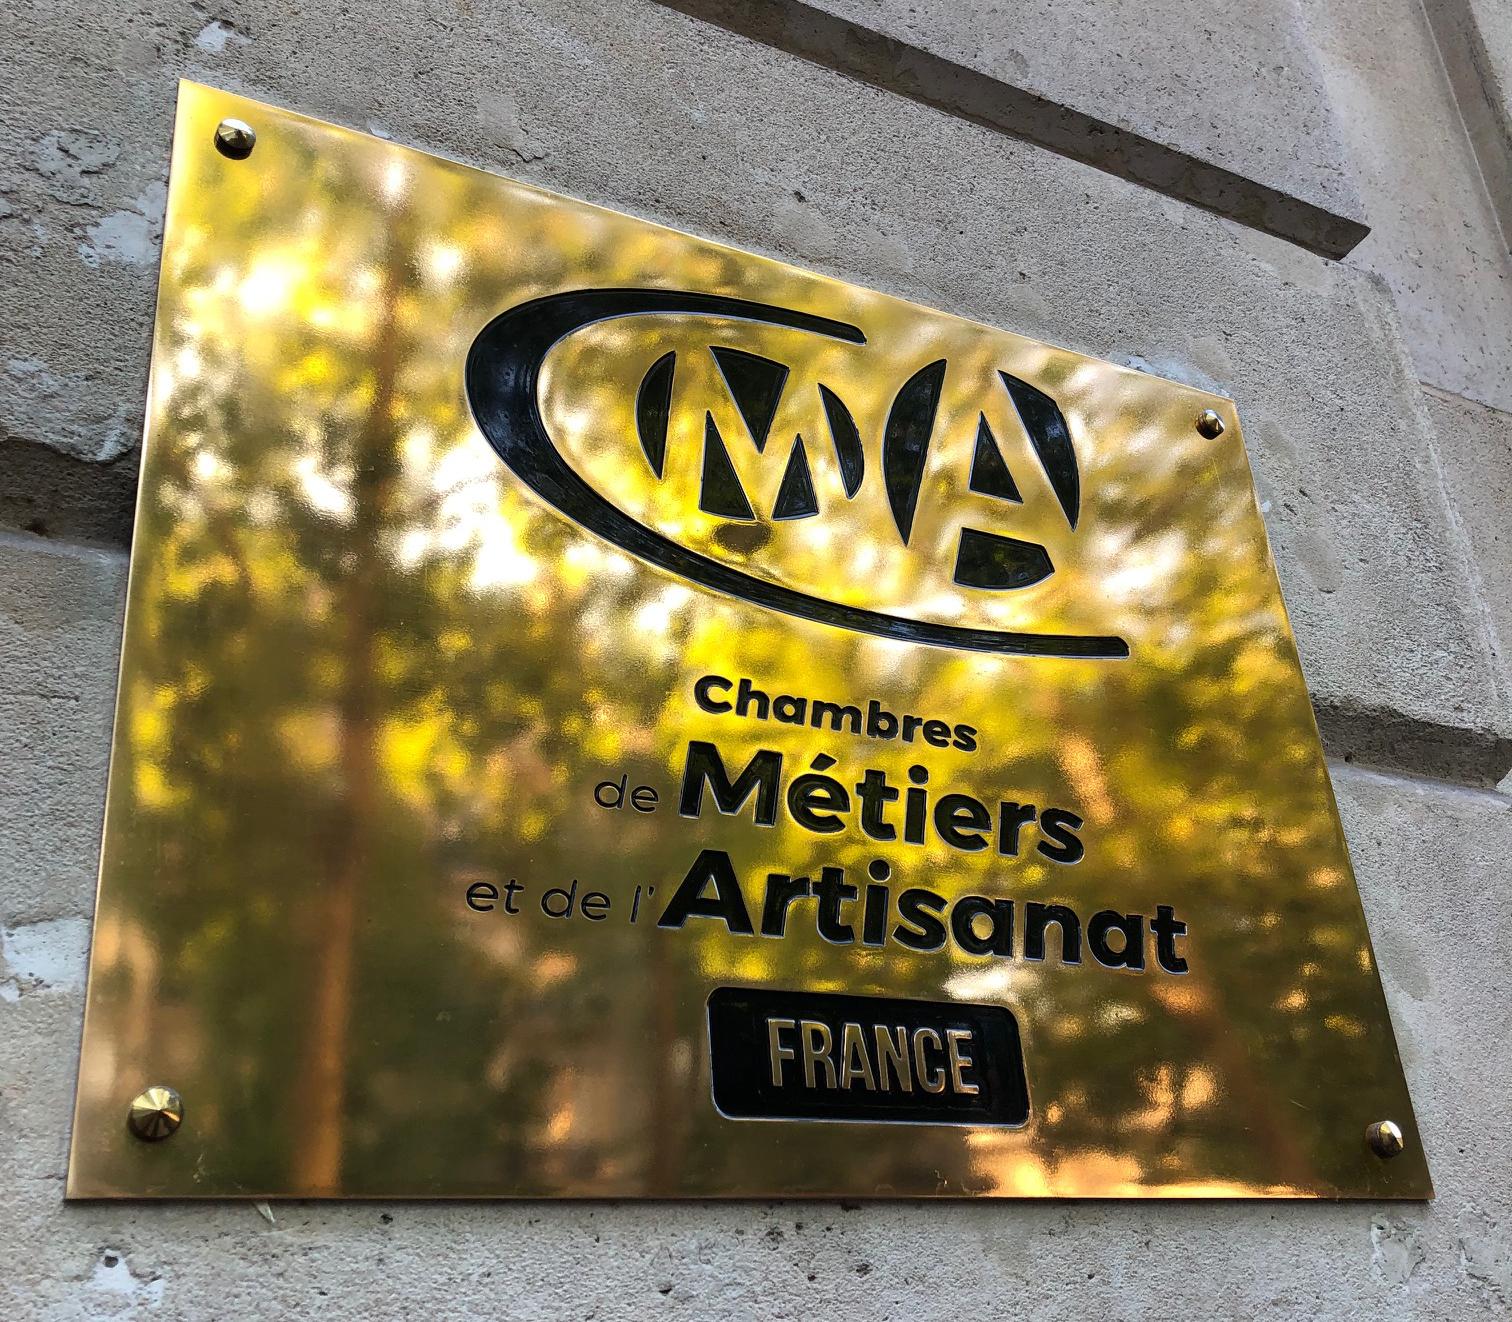 Chambre des metiers et de l 39 artisanat 93 artisanat et - Chambre des metiers mulhouse ...